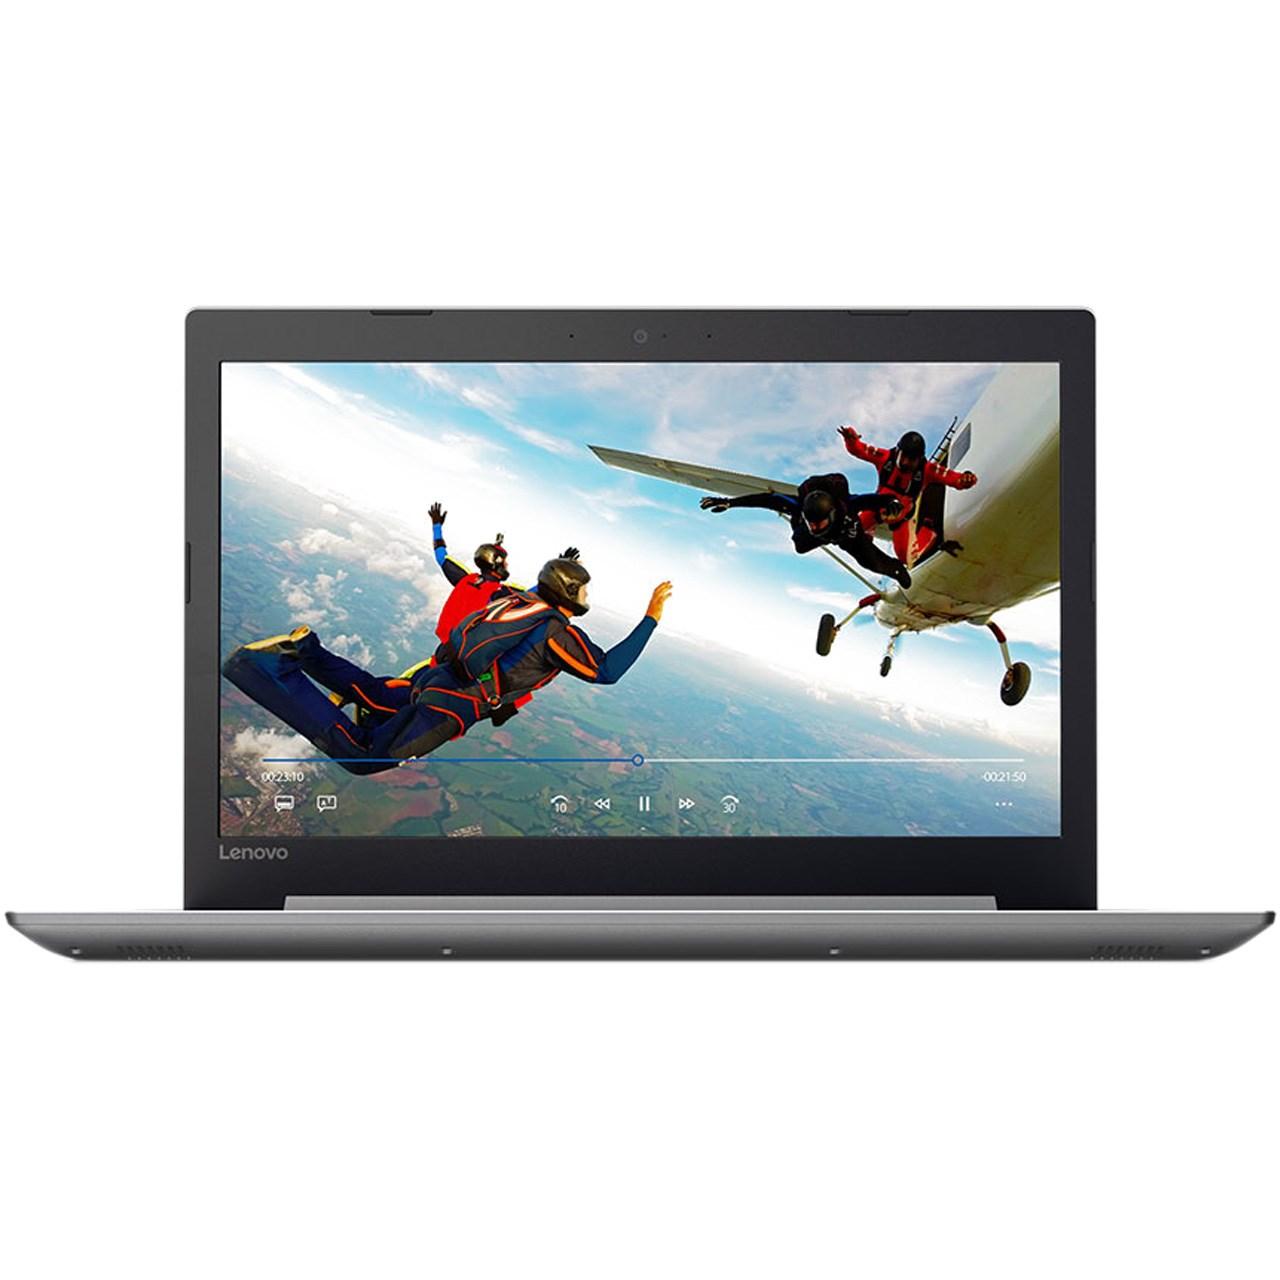 قیمت لپ تاپ 15 اینچی لنوو مدل Ideapad 320 - AX